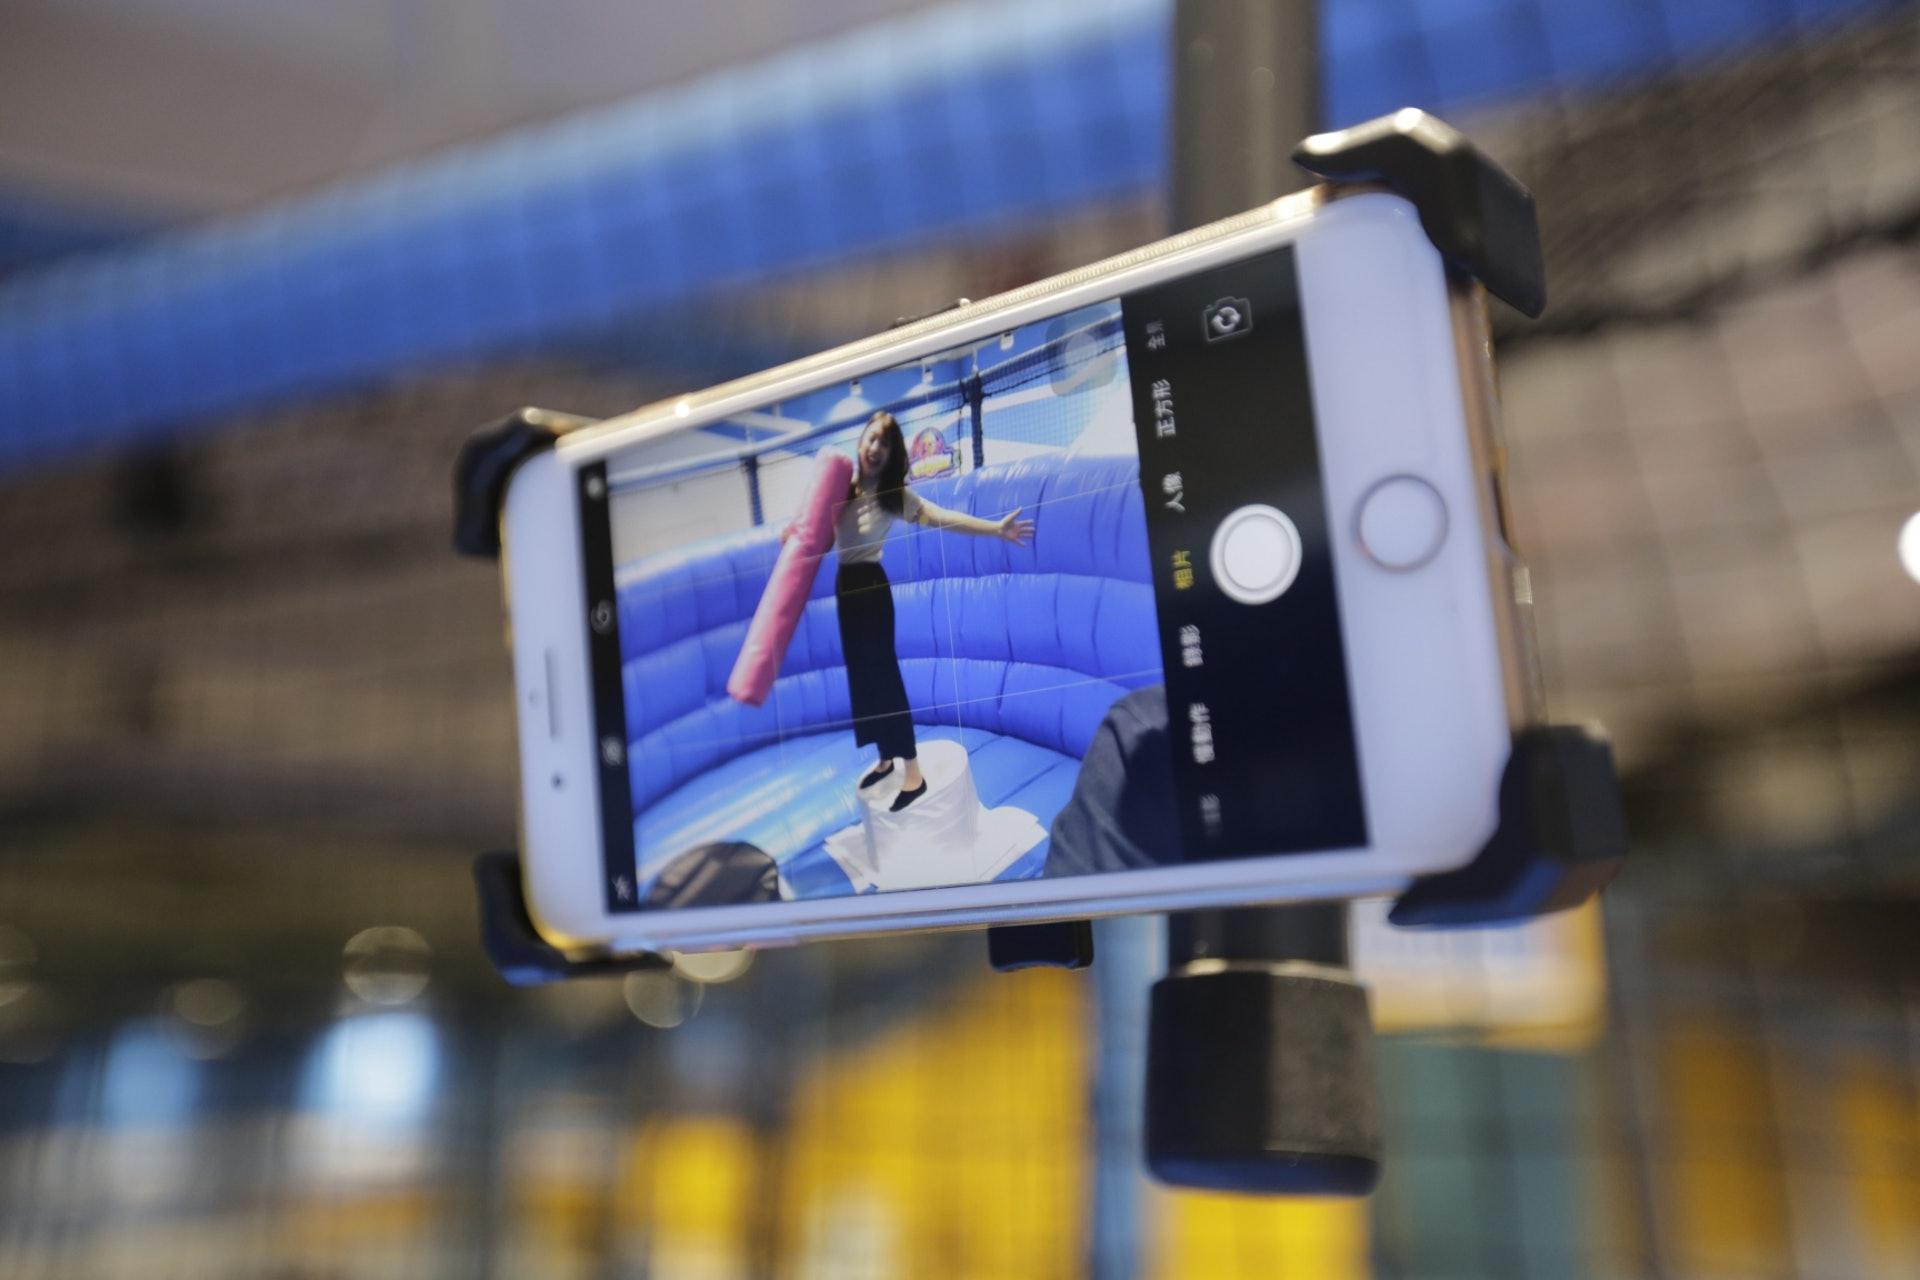 【貼士】每個玩樂設施附近都有一個手機架,大家可以將手機夾上去,將玩樂過程全記錄!(龔嘉盛攝)